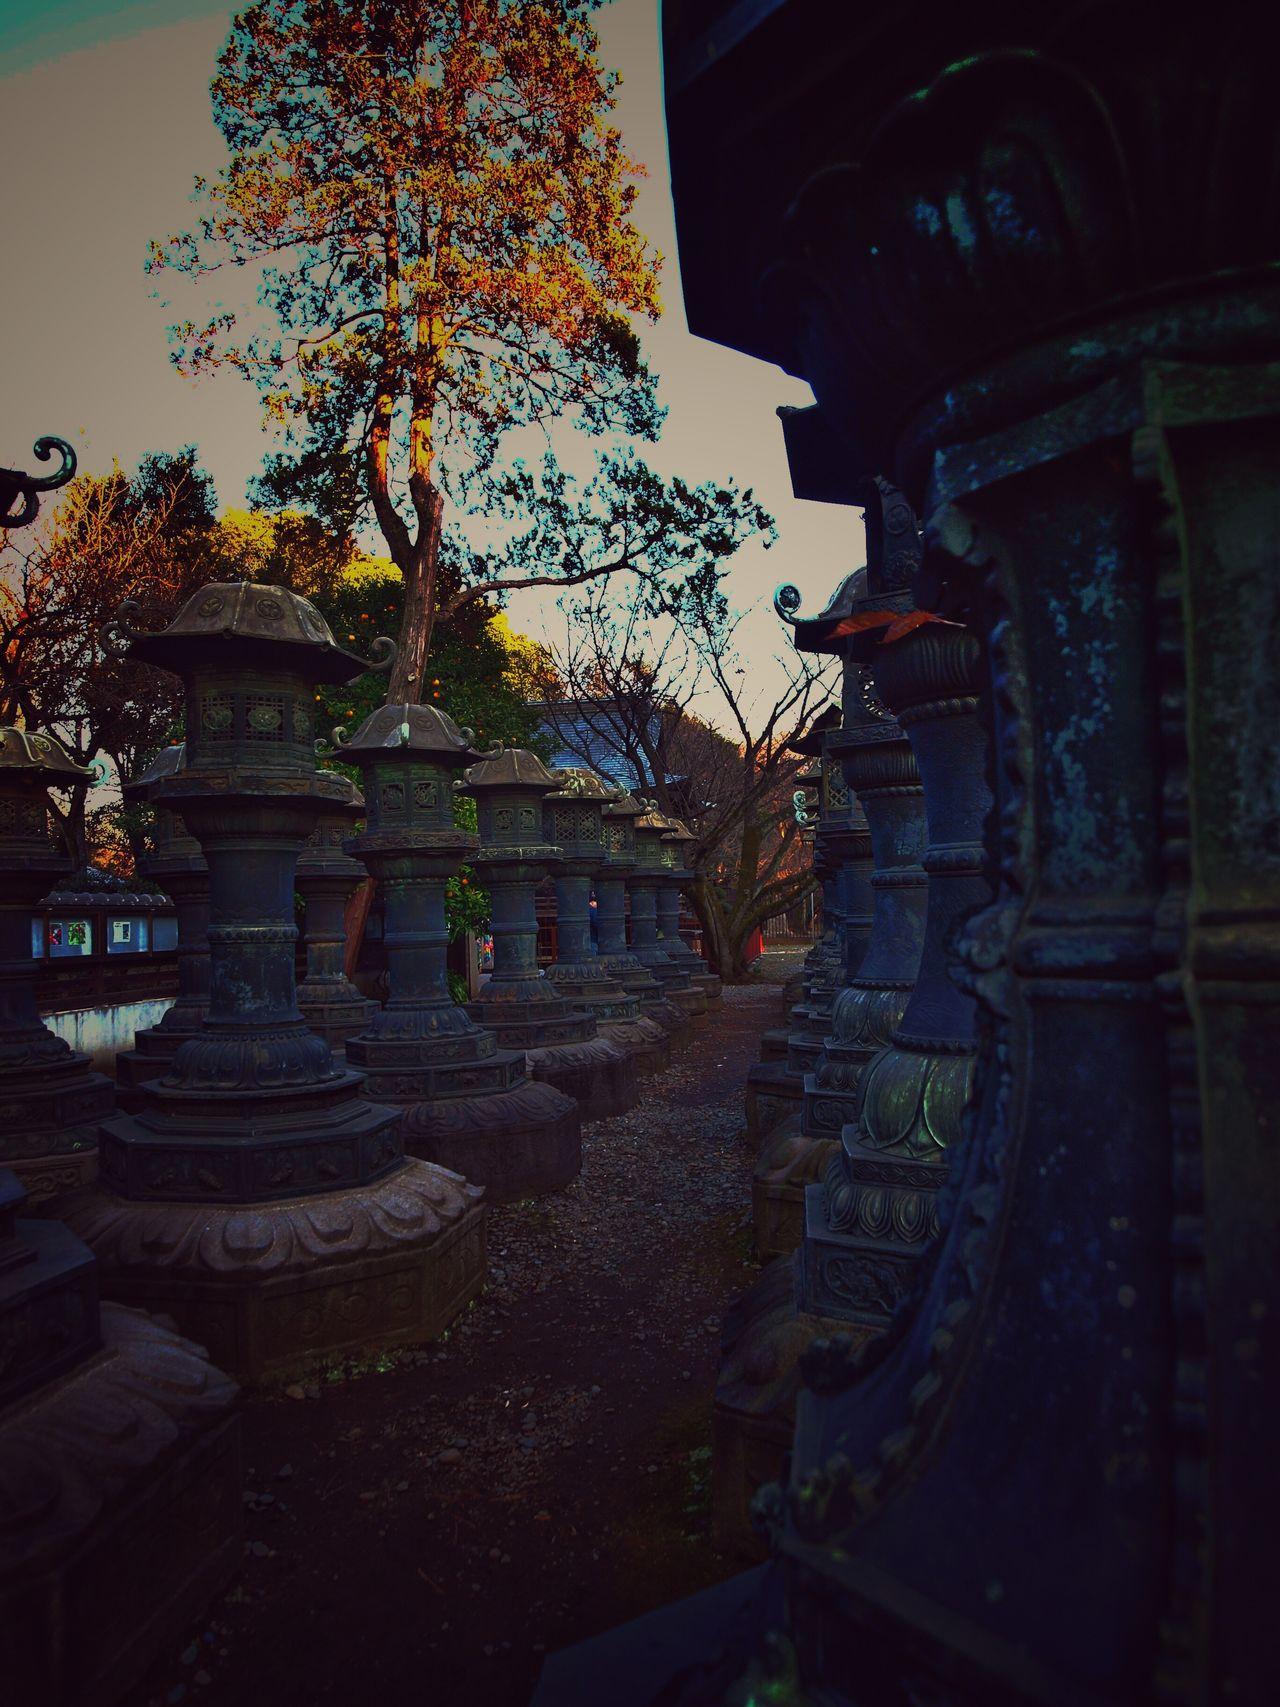 Stone Lanterns Lantern